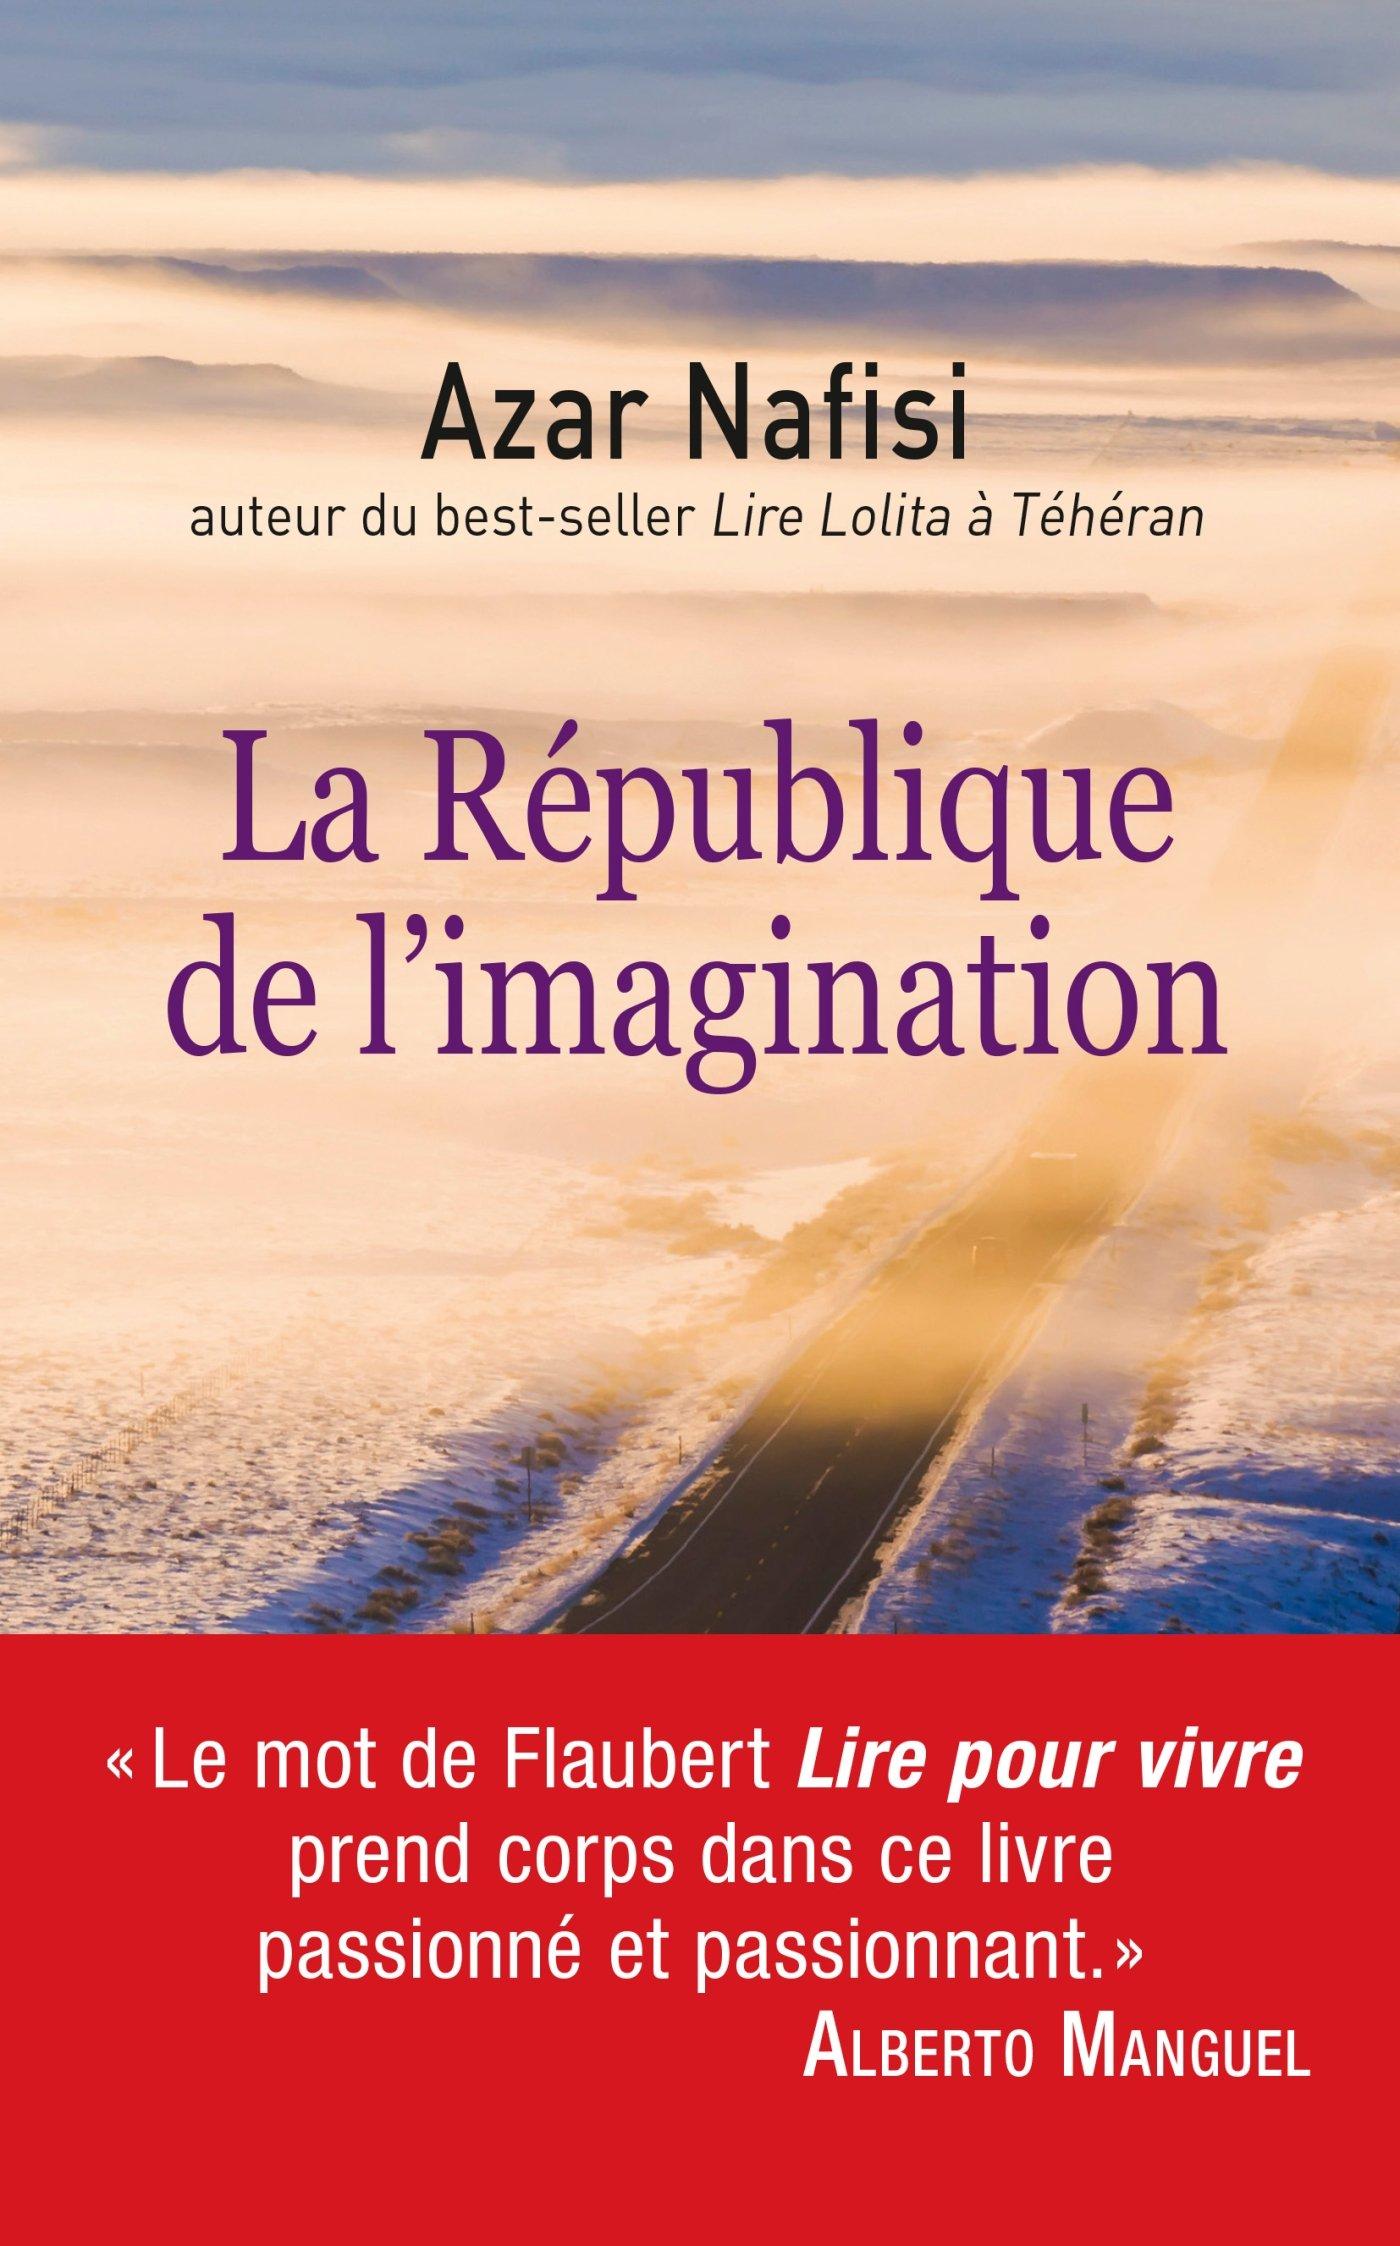 La Republique De L Imagination Comment Les Livres Forgent